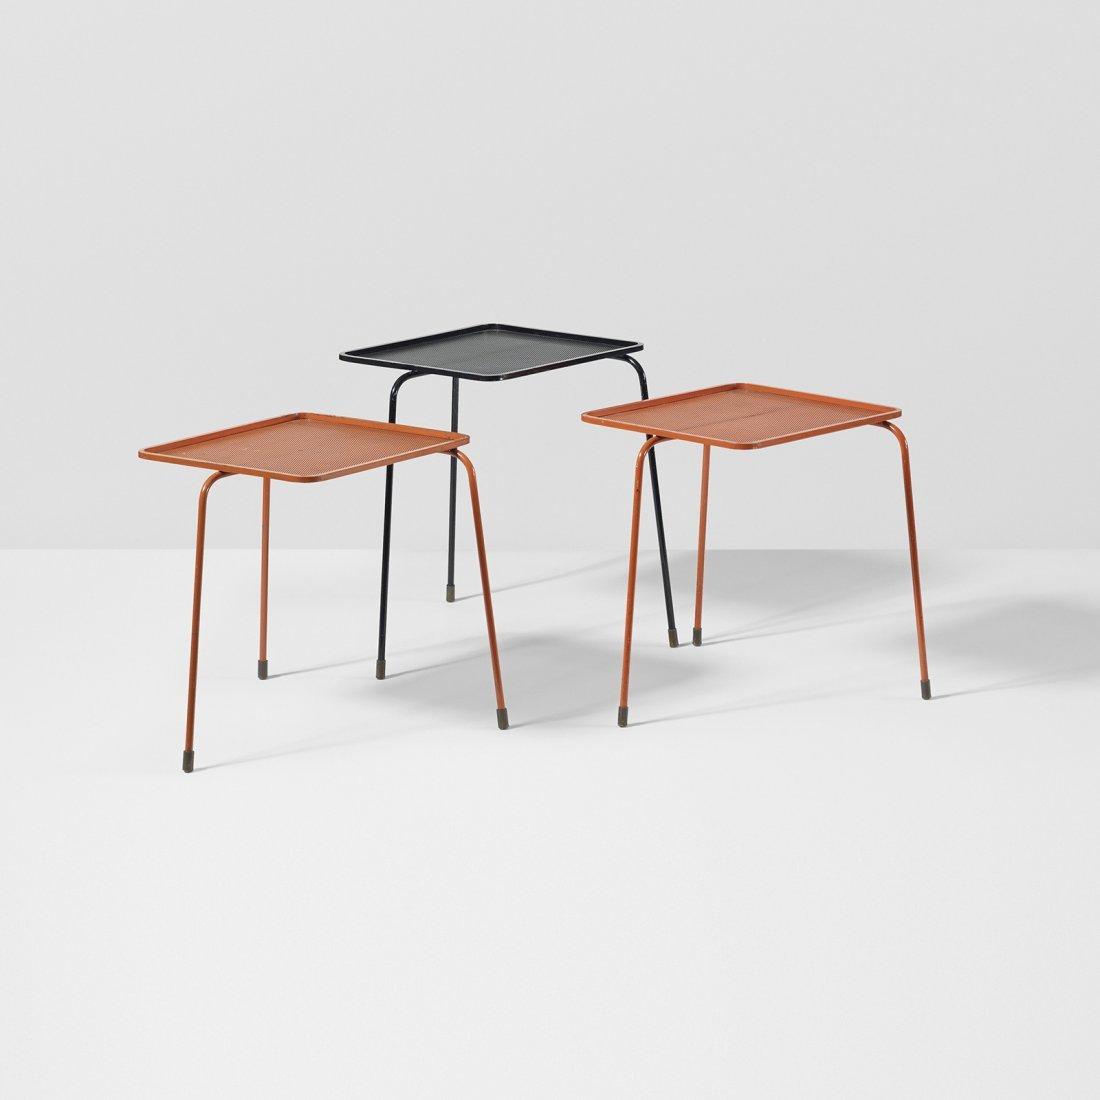 Mathieu Matégot Soumba nesting tables, set of three